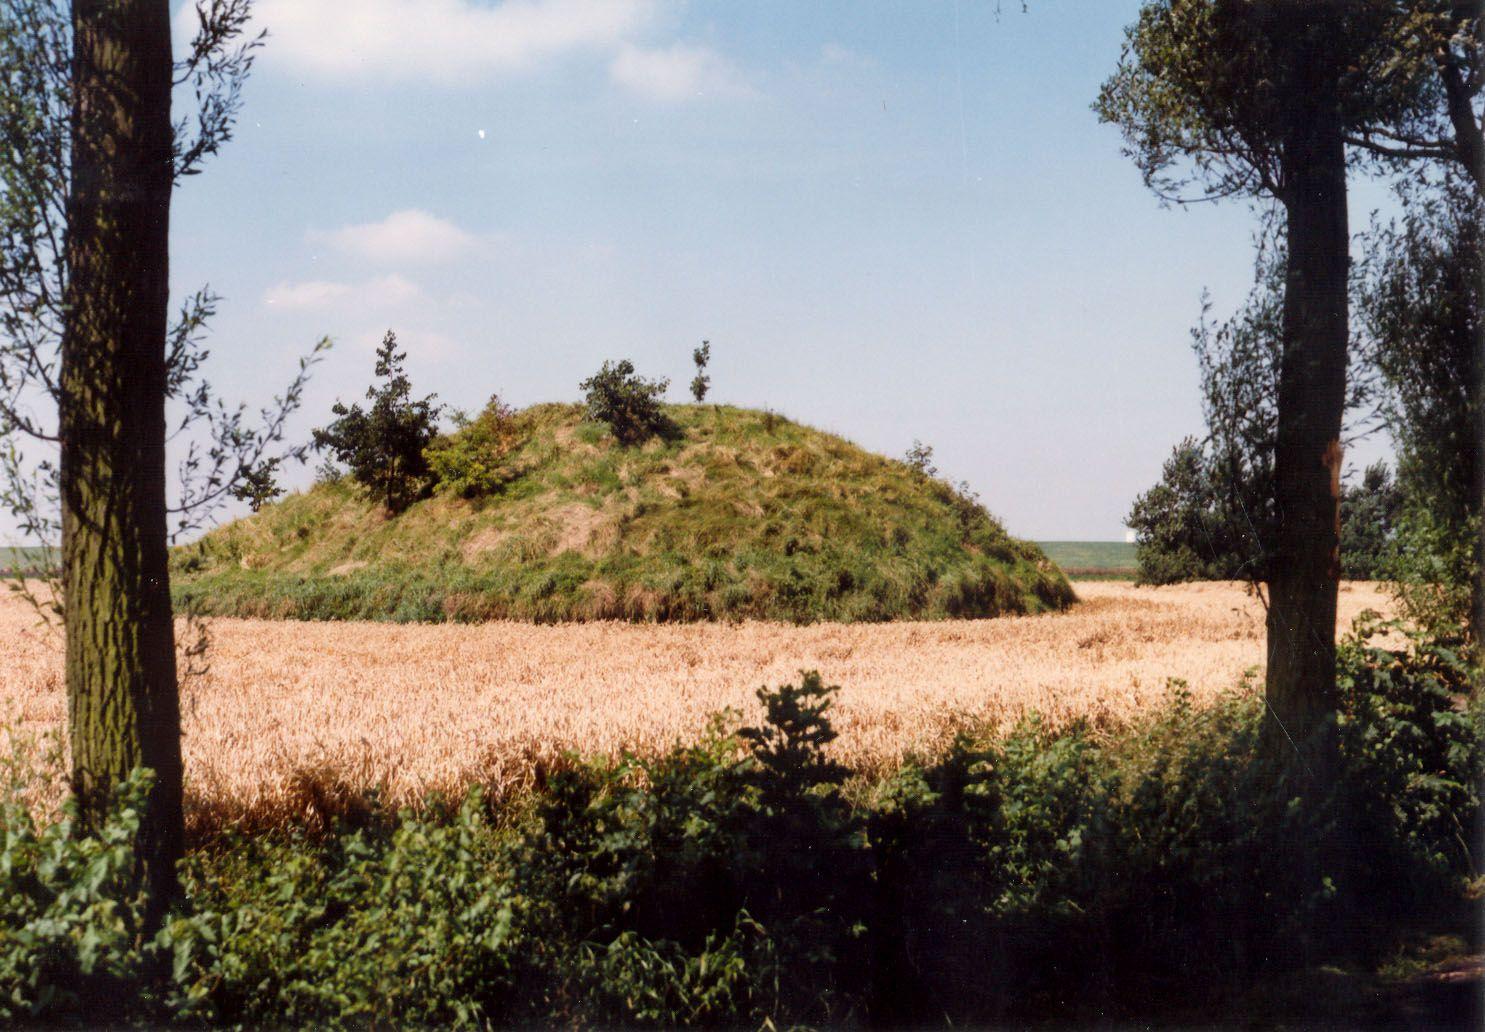 De vliedberg is nog het enige zichtbare overblijfsel van Coudorpe (Beeldbank SCEZ; foto B. Oele).